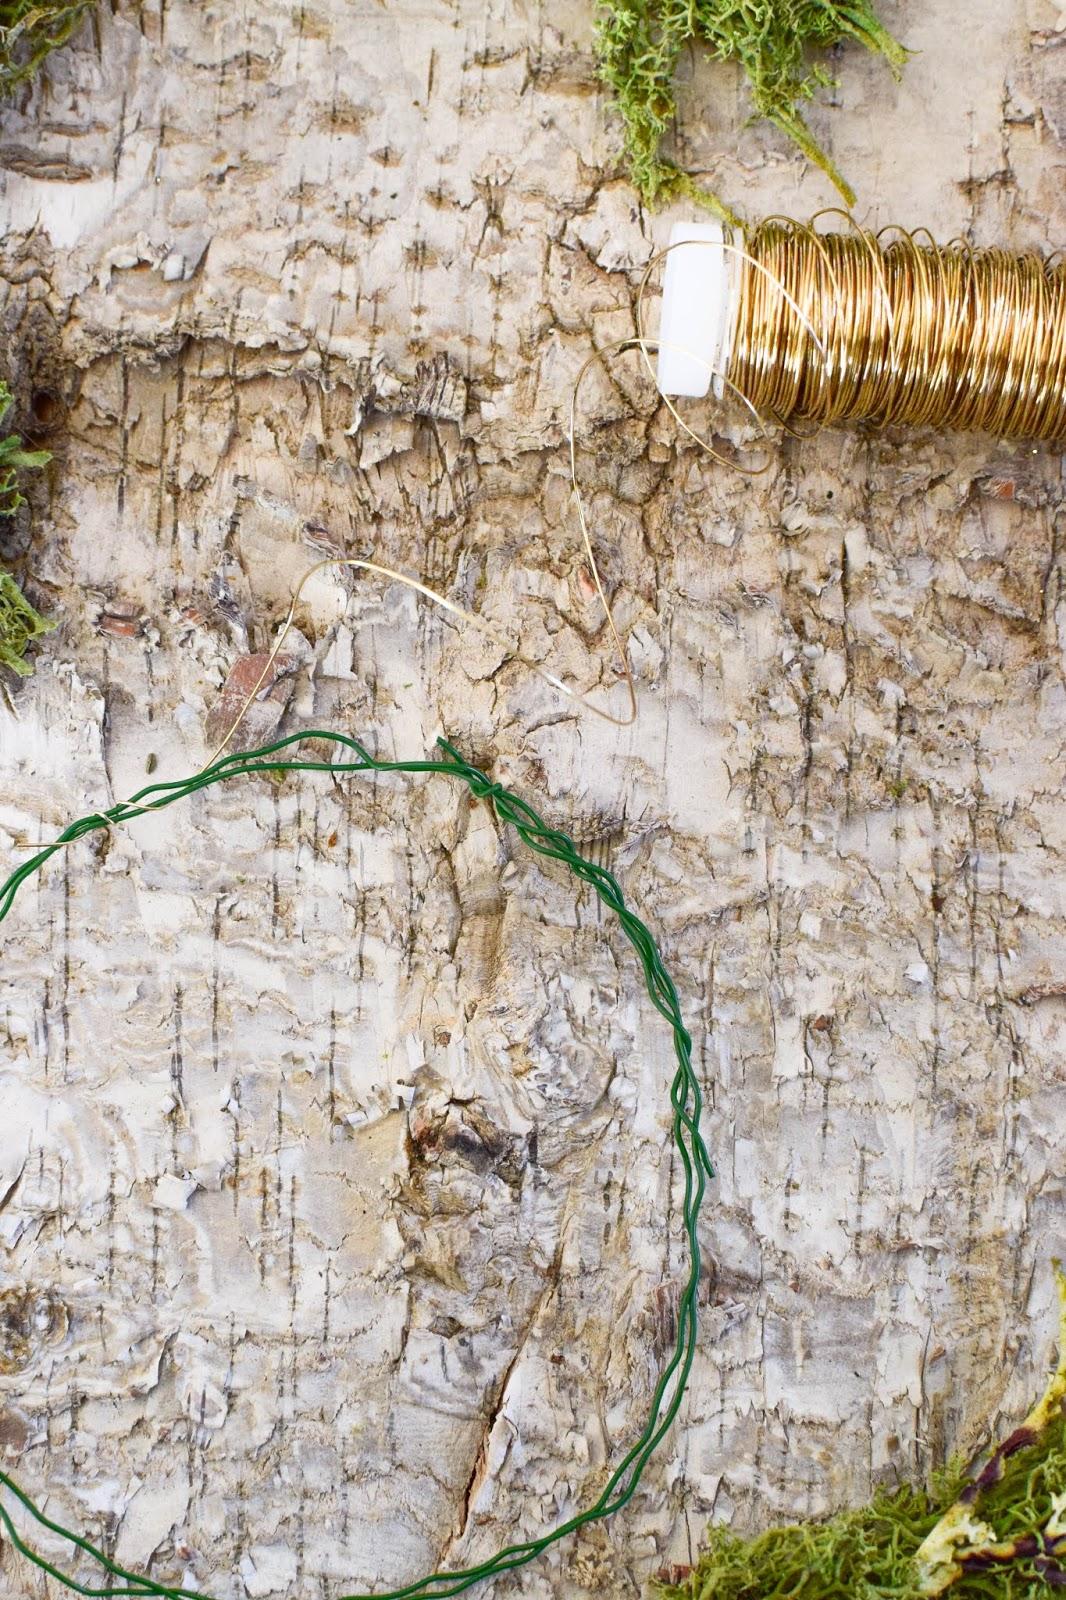 Anleitung Kranz binden aus Moos für den Herbst und Winter. DIY Dekoration basteln einfach selbermachen: Naturmaterialien basteln 2